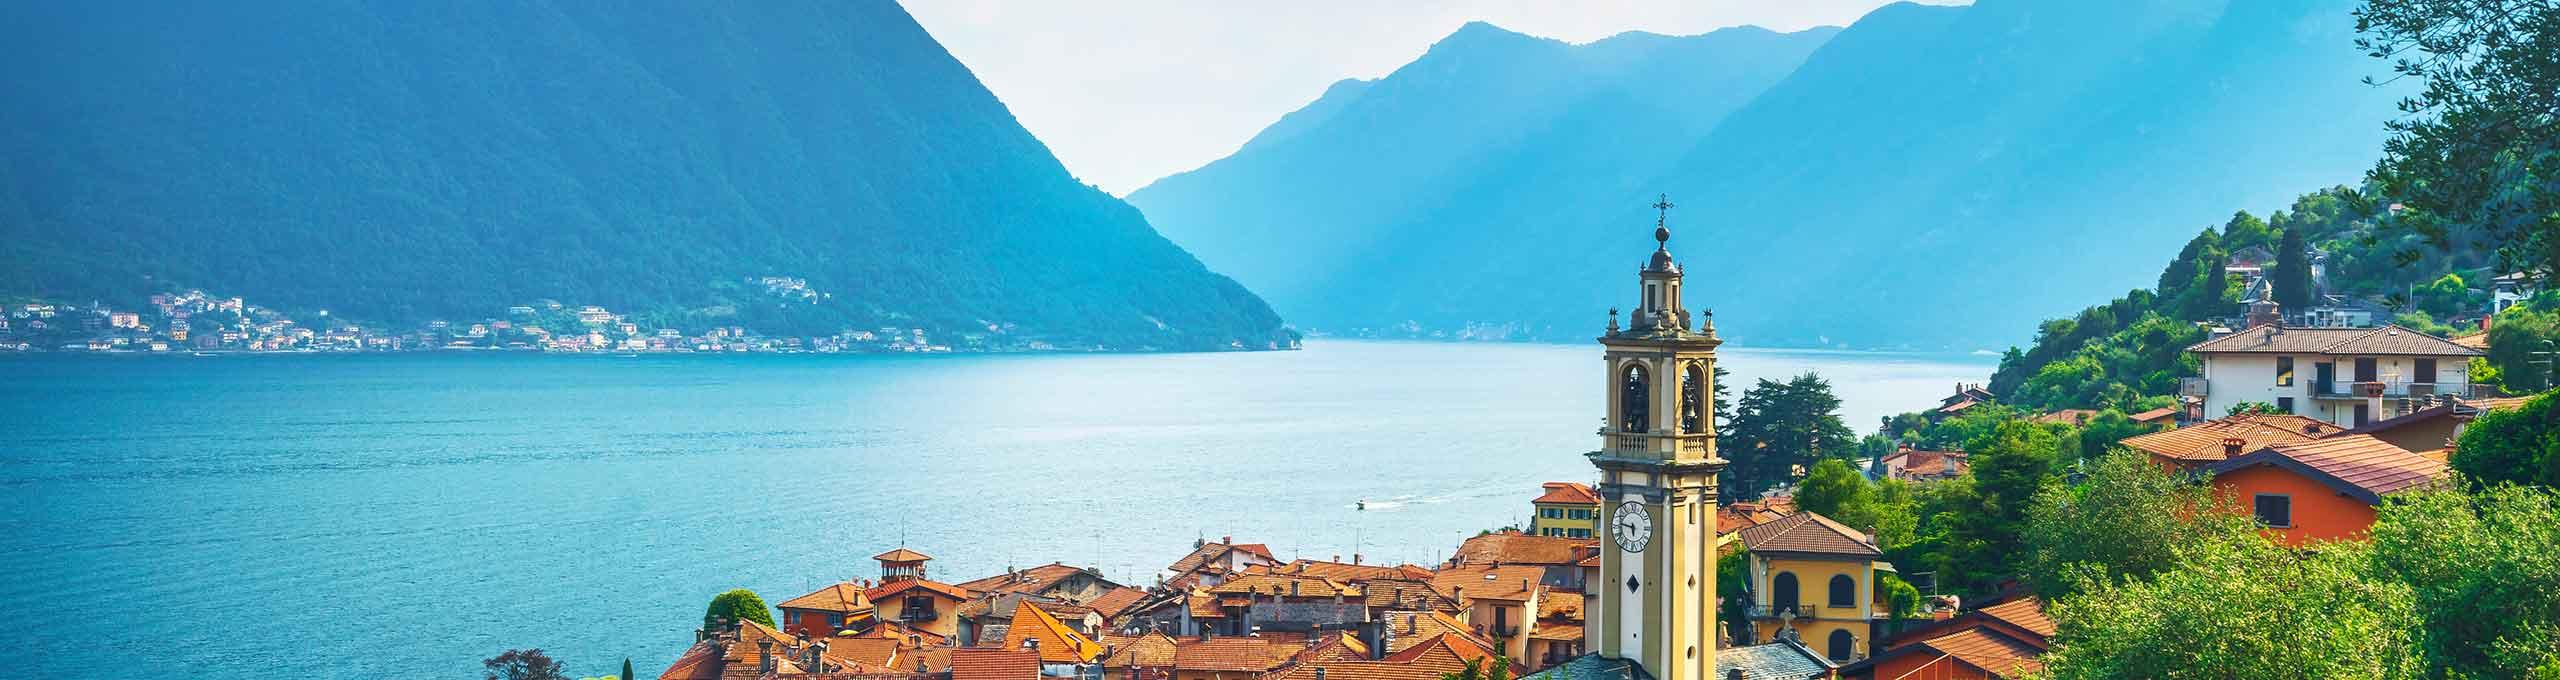 Sala Comacina, Lago di Como